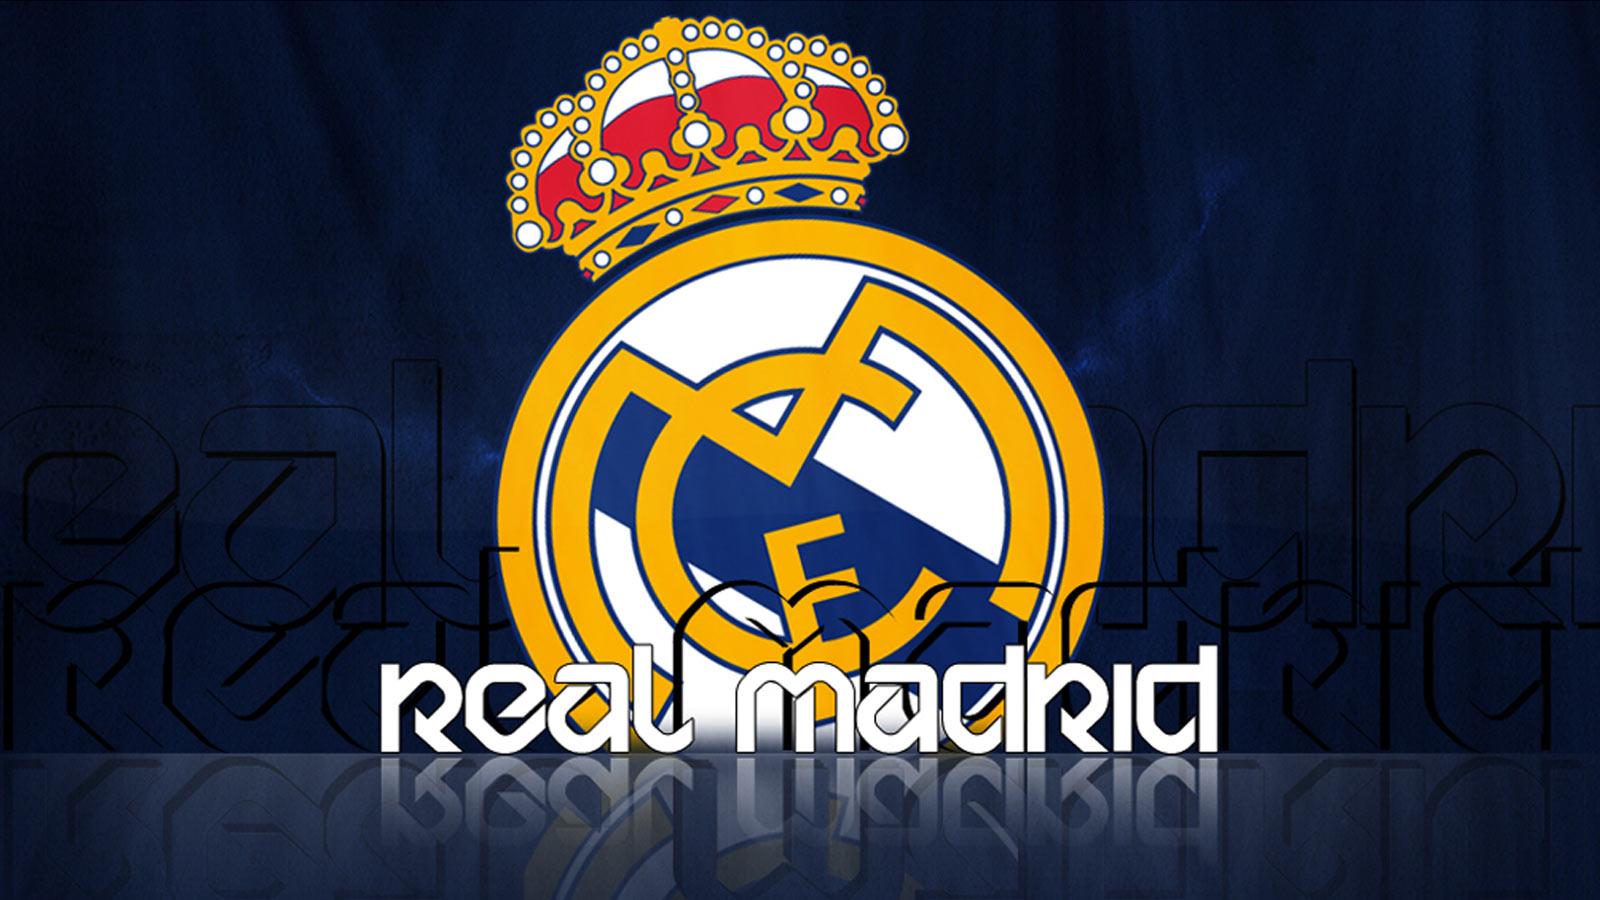 REAL MADRID  Rajanya Spanyol Barca? Juga Hebat!